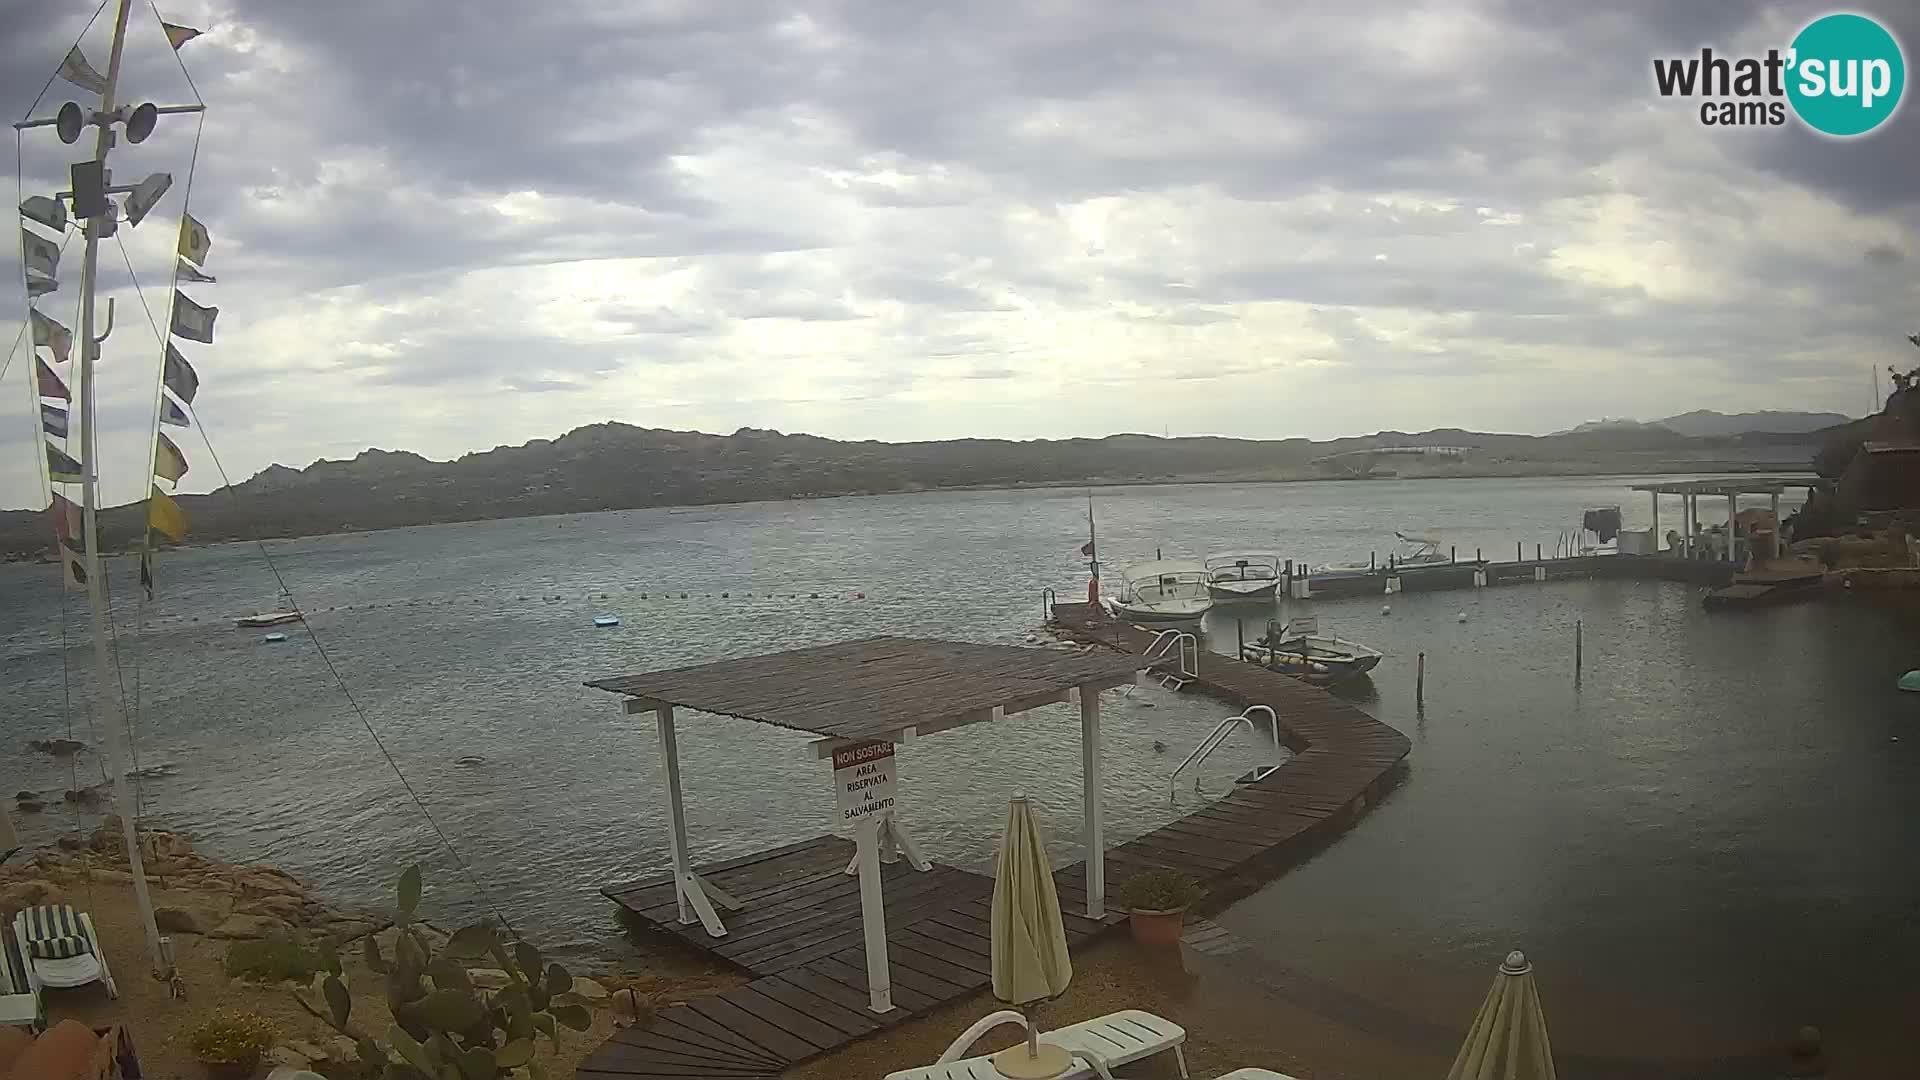 El barco Lo Squalo IV – webcam en directo archipiélago La Maddalena – Cerdeña – Italia